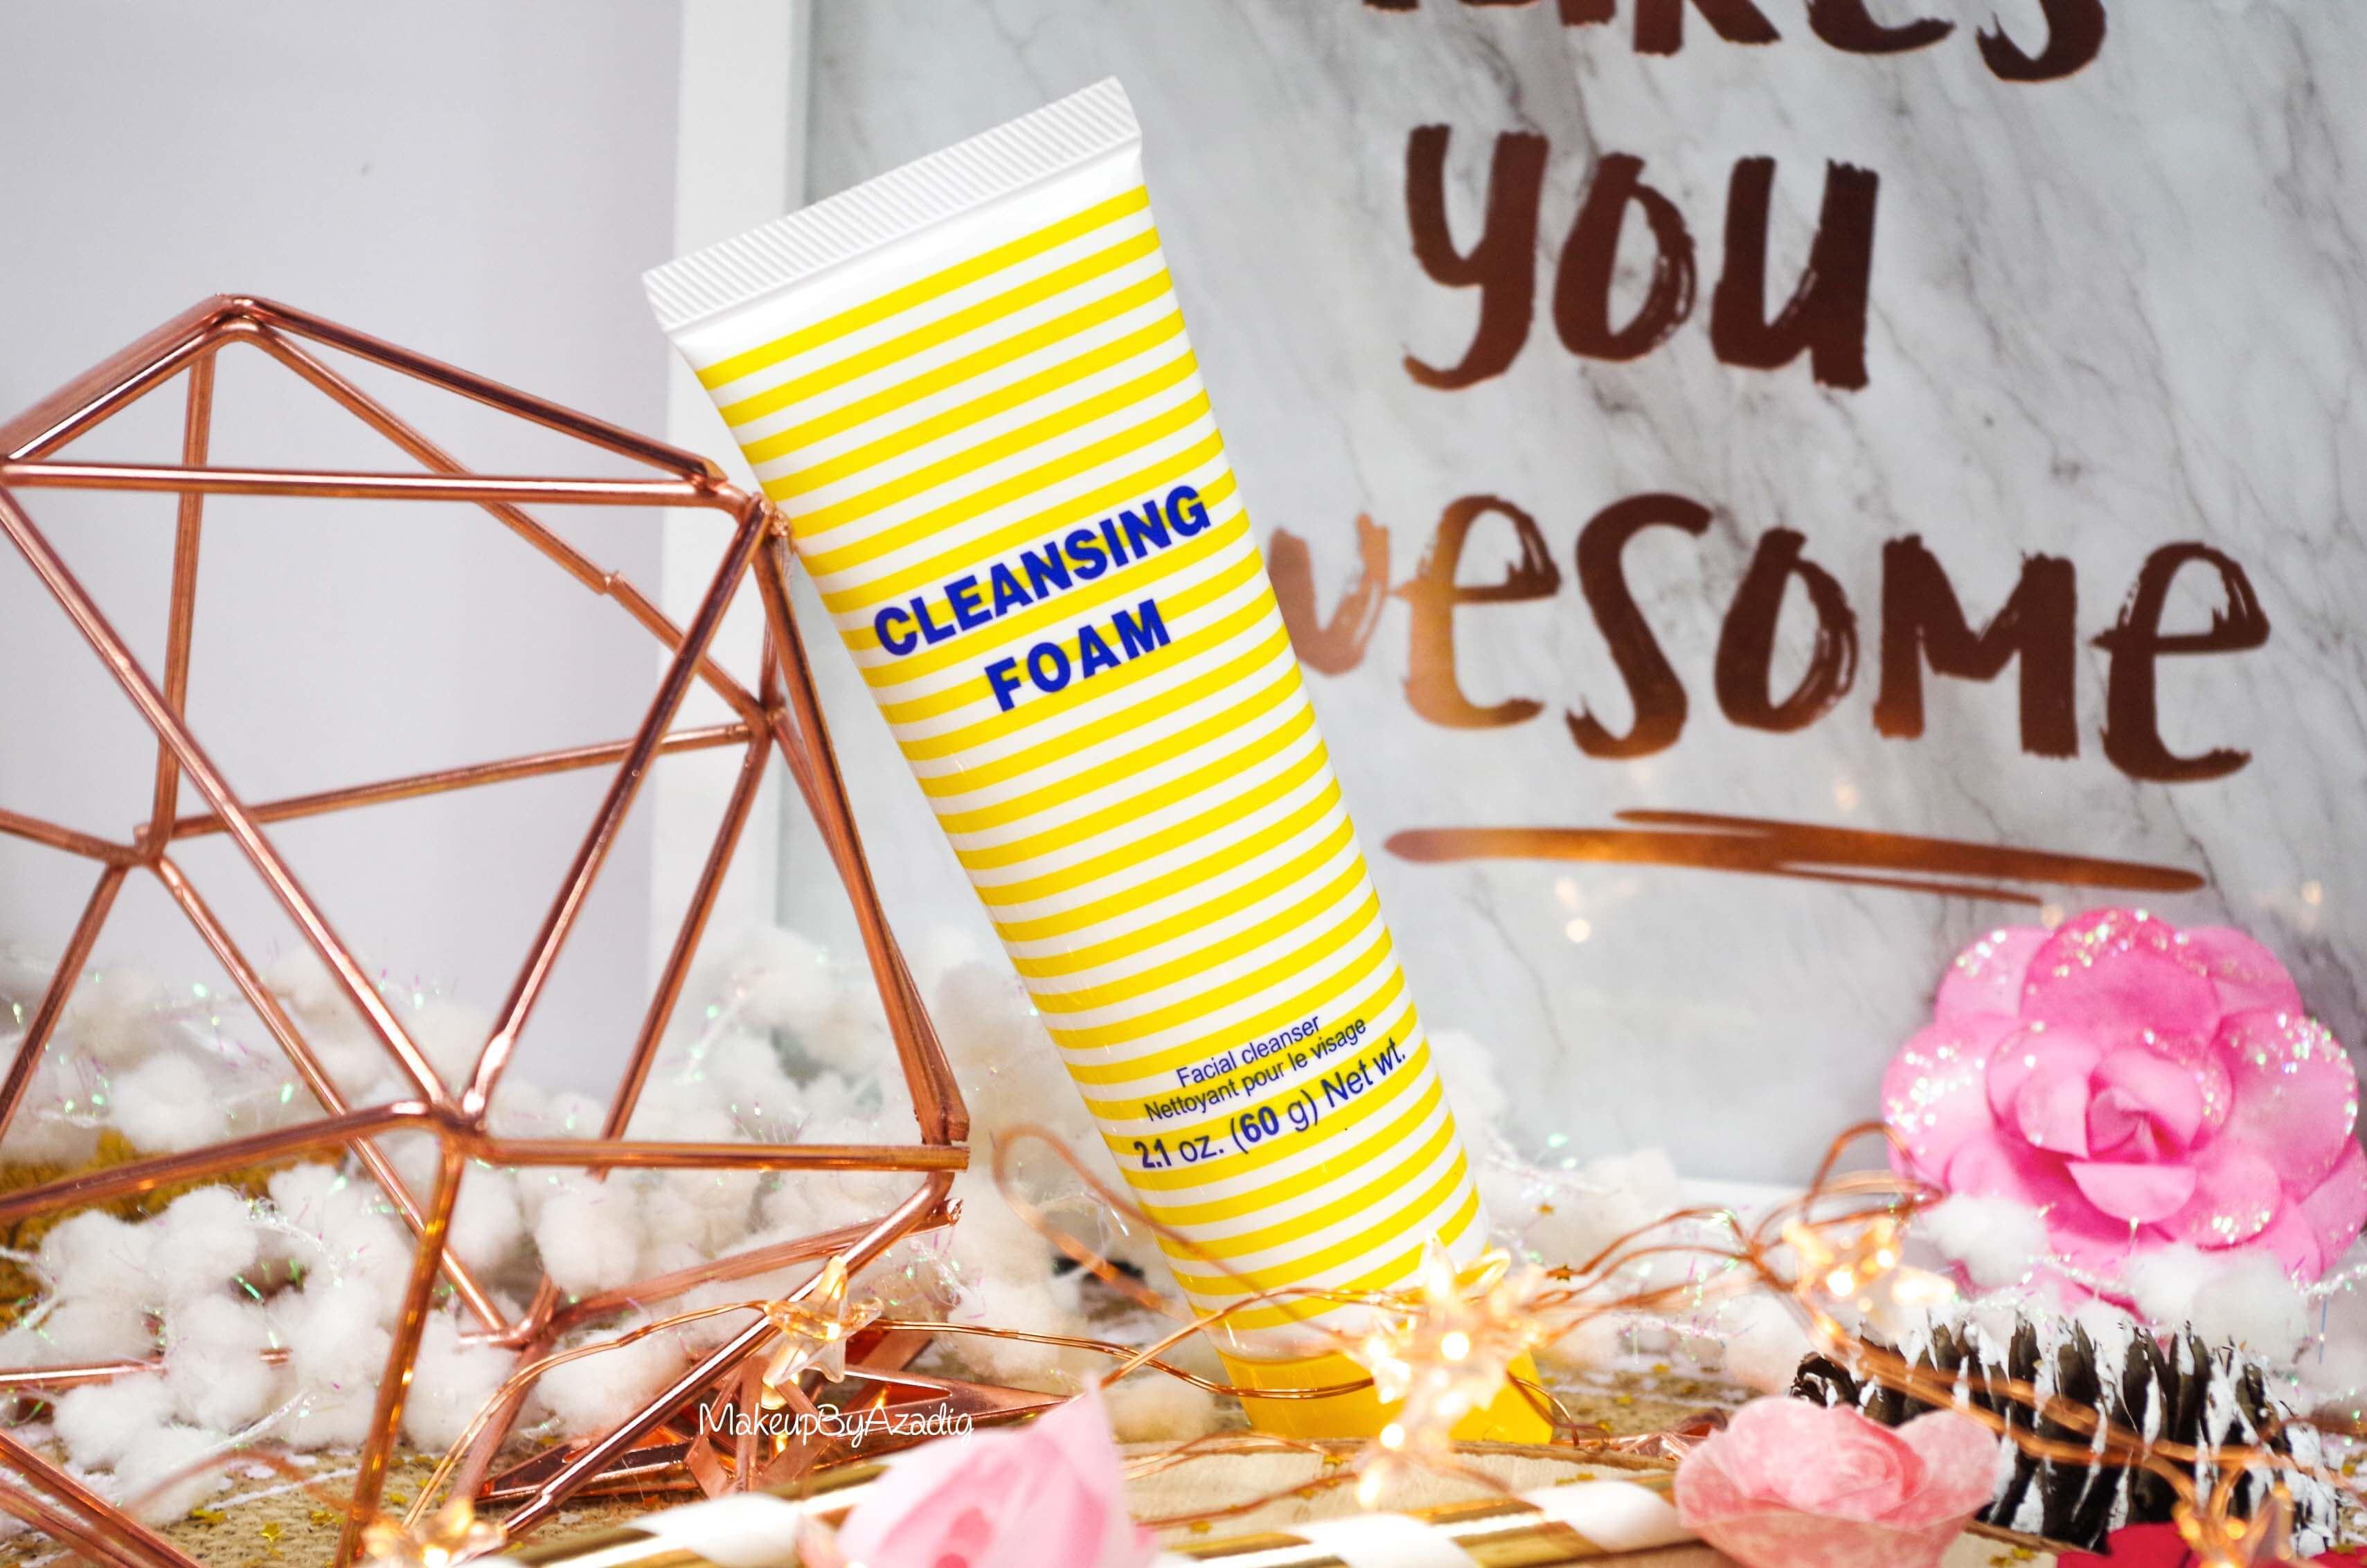 revue-review-cleansing-foam-creme-nettoyante-dhc-monoprix-parapharmacie-prix-avis-makeupbyazadig-olive